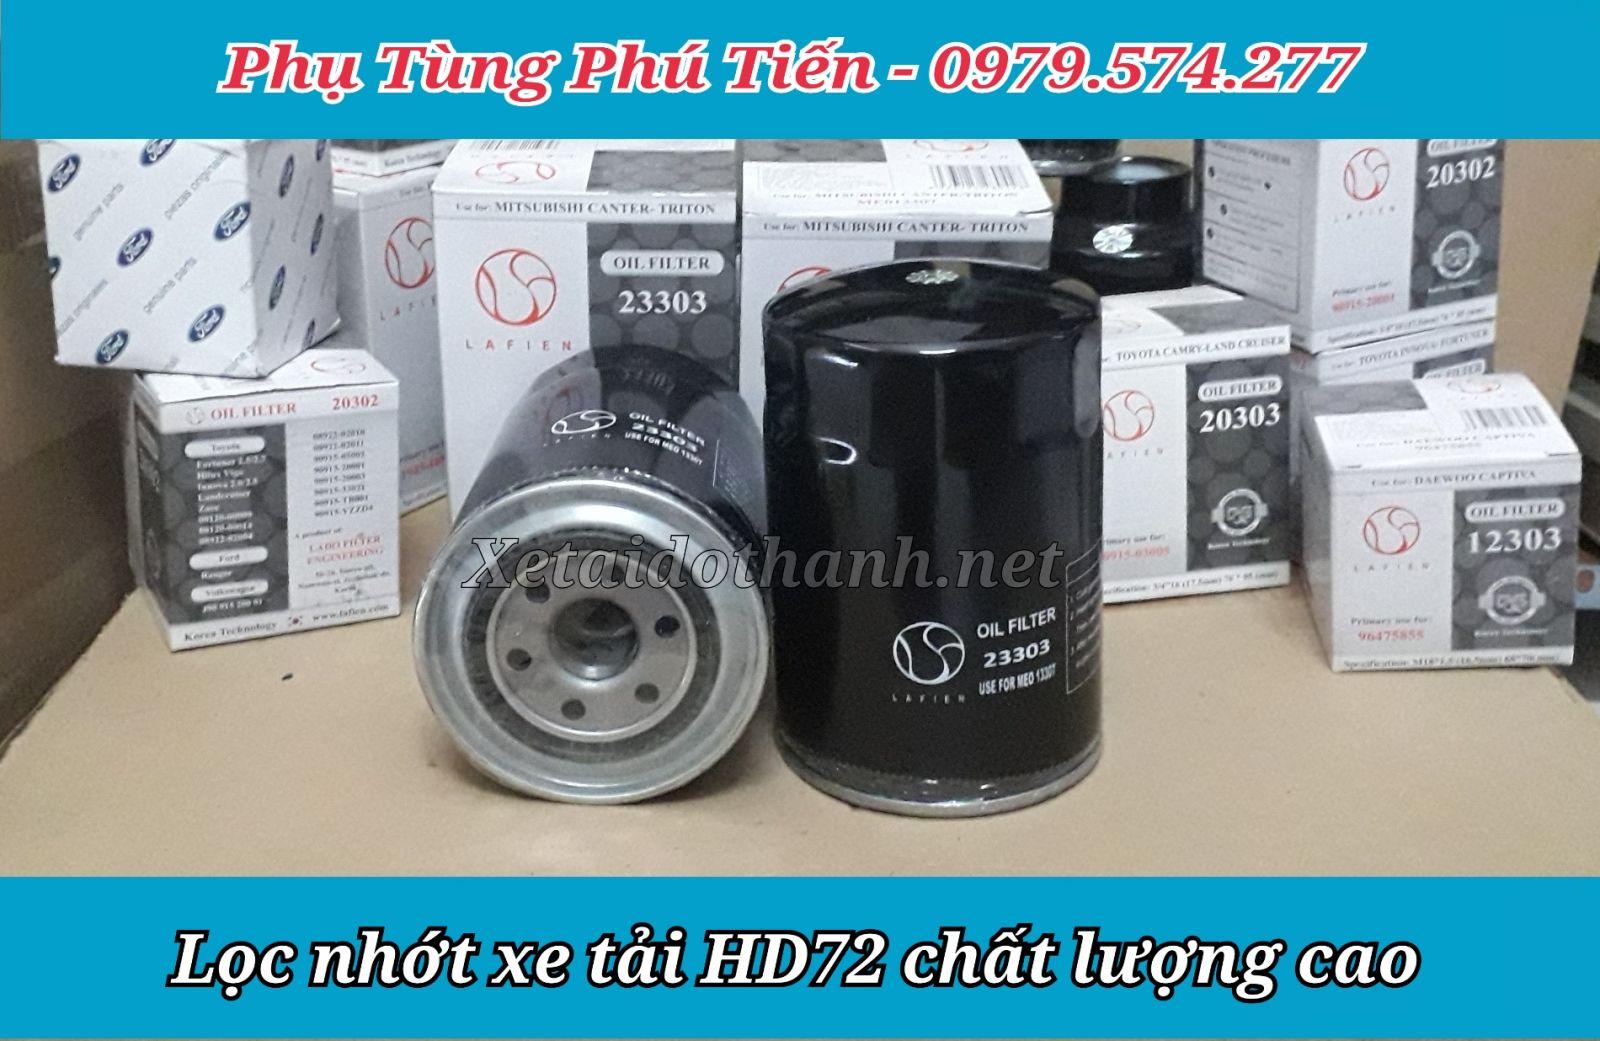 Lọc nhớt xe Hyundai HD72 chất lượng